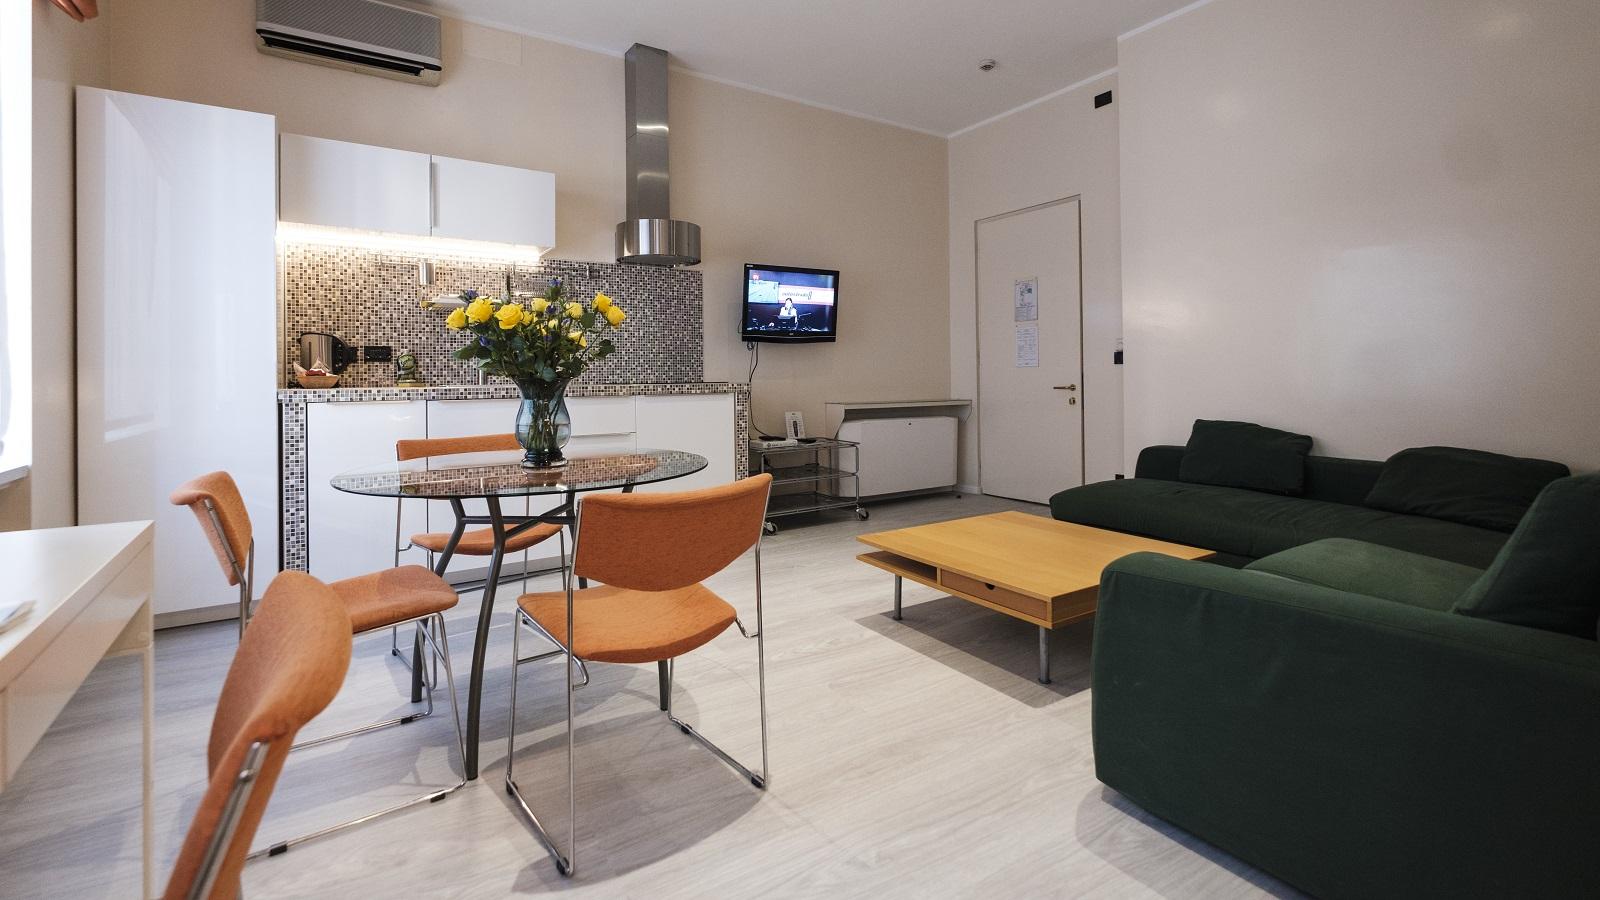 Dormire a Torino in Residence - appartamenti di lusso